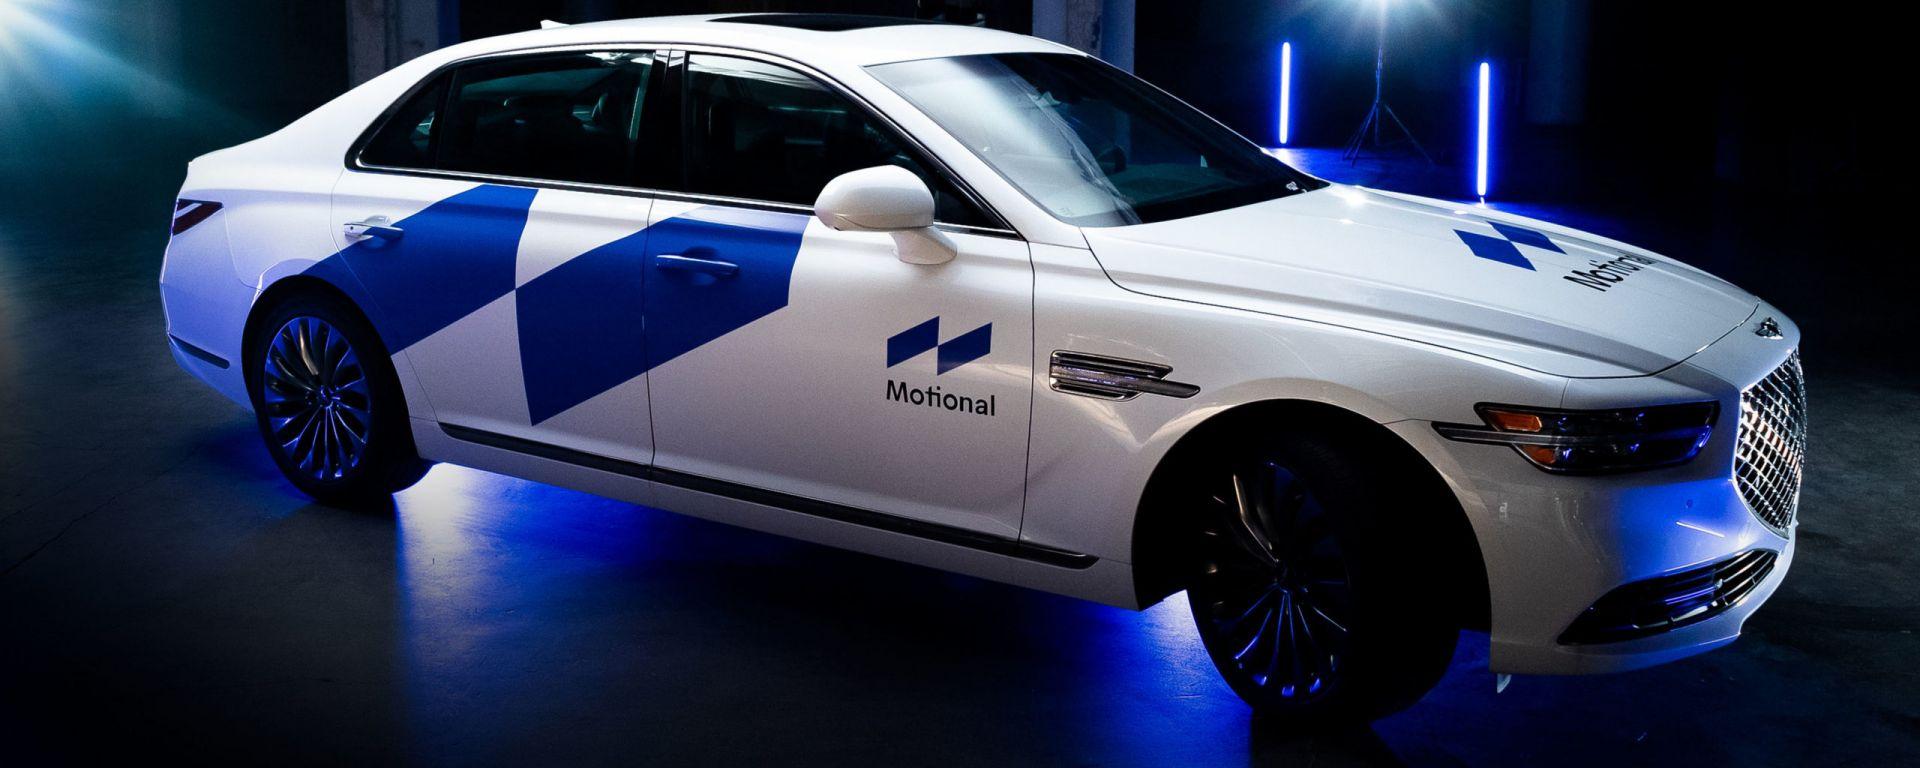 Una Hyundai Genesis a guida autonoma del servizio Motional